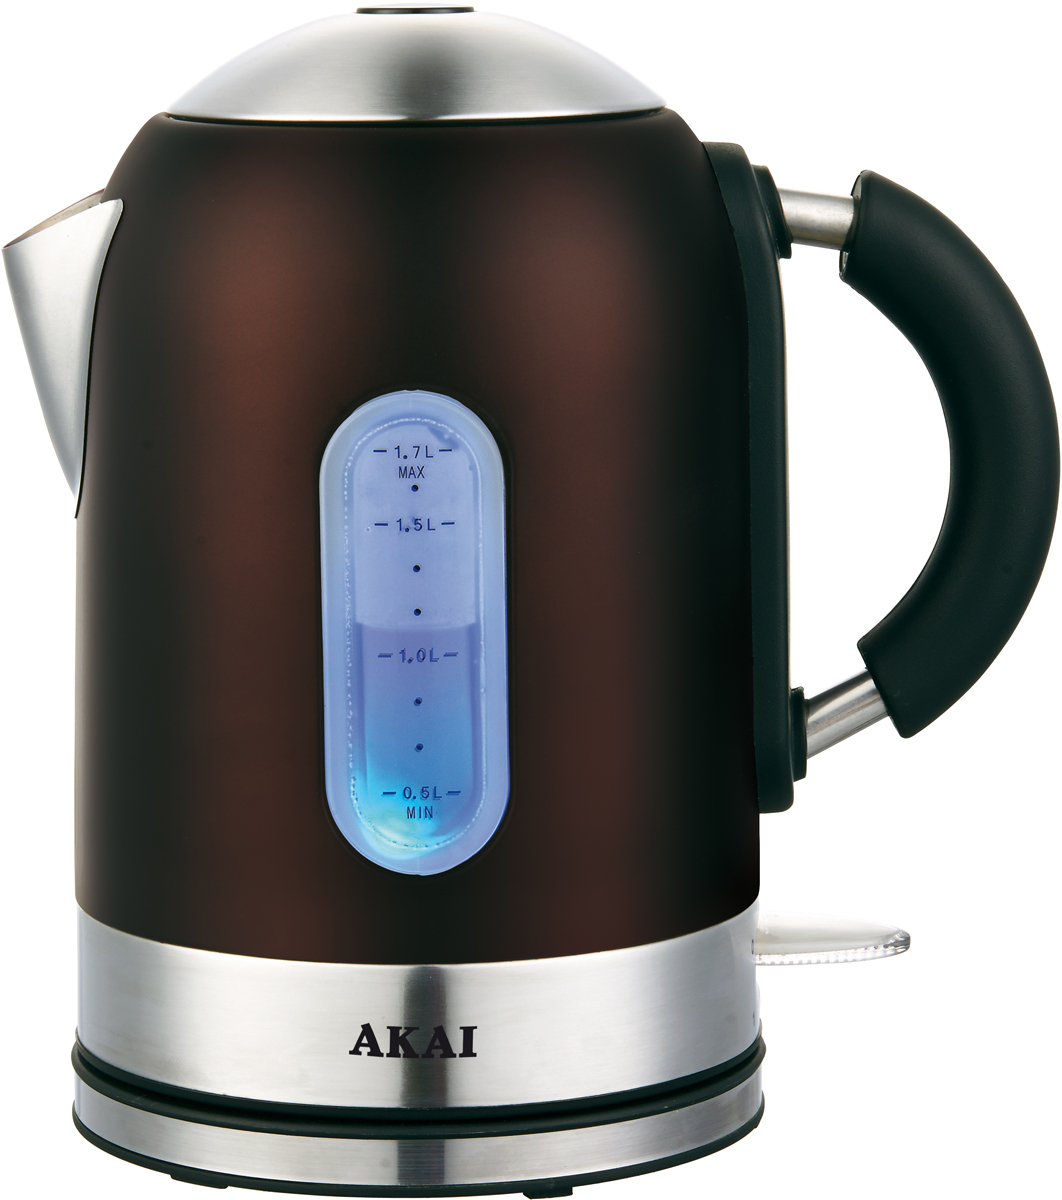 Akai 1023D, Chocolate электрический чайник1023DЧайник электрический, объем: 1,7 л. Корпус из НЕРЖАВЕЮЩЕЙ СТАЛИ, ЦВЕТНОЕ ПОКРЫТИЕ - ШОКОЛАД, ЗАКРЫТЫЙ ДИСКОВЫЙ НАГРЕВАТЕЛЬНЫЙ ЭЛЕМЕНТ. Стильный дизайн, индикатор уровня воды, автоотключение при закипании/отсутствии воды, поворот на подставке на 360?, световой индикатор работы, отсек для хранения шнура. Потребляемая мощность 2200 Вт.